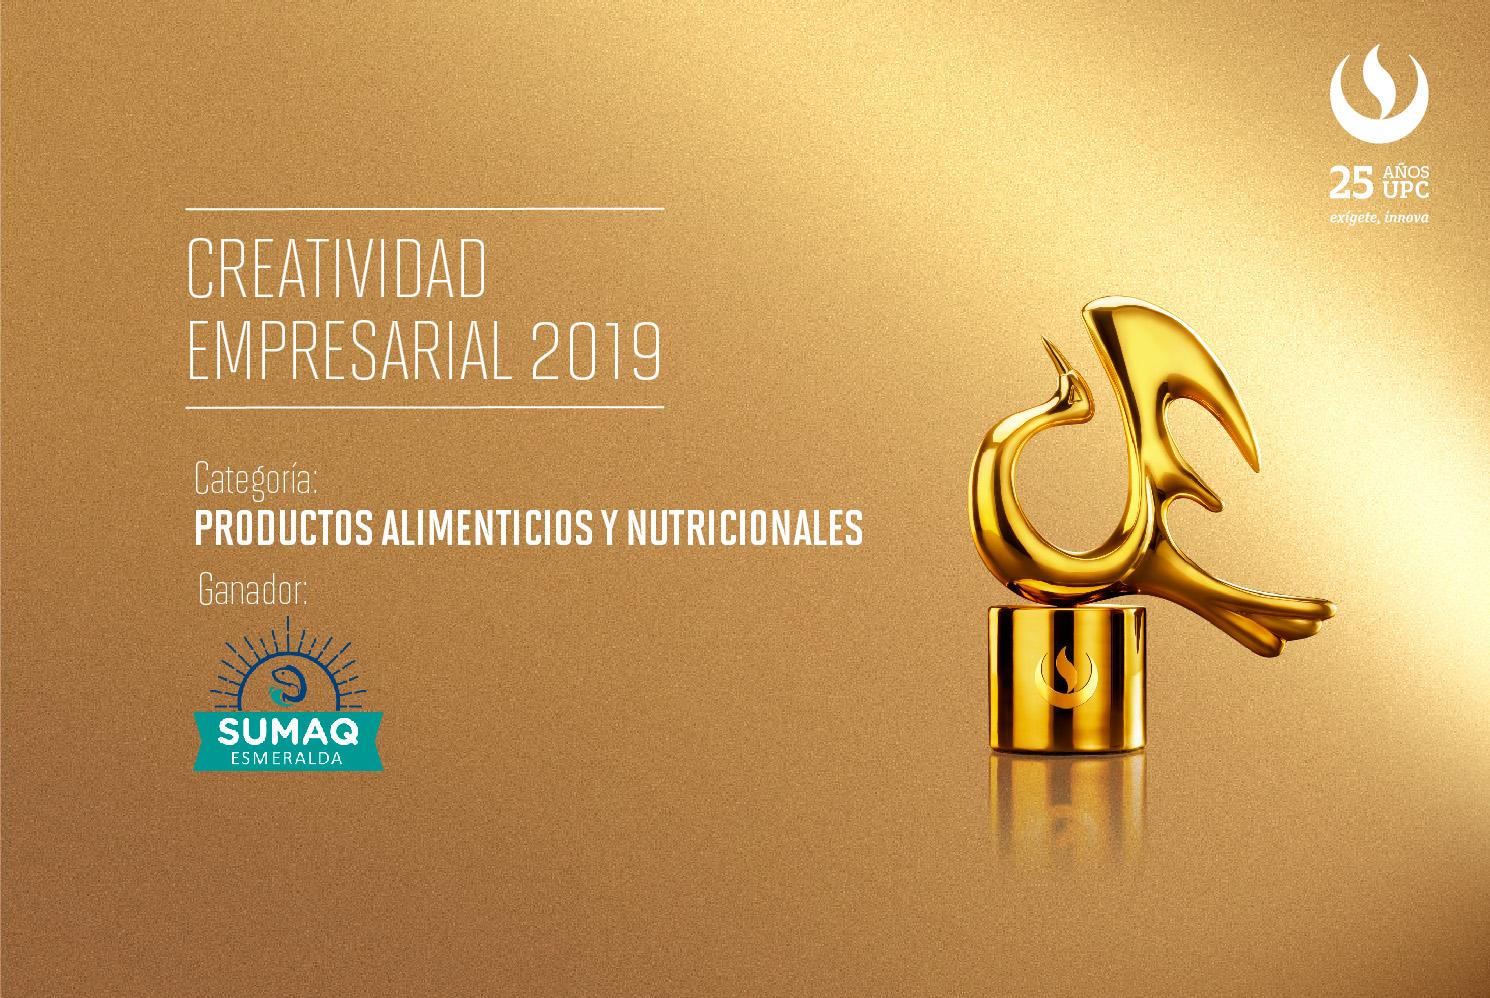 Creatividad Empresarial 2019: Sumaq Challwa fue el proyecto ganador en la categoría Productos alimenticios y nutricionales